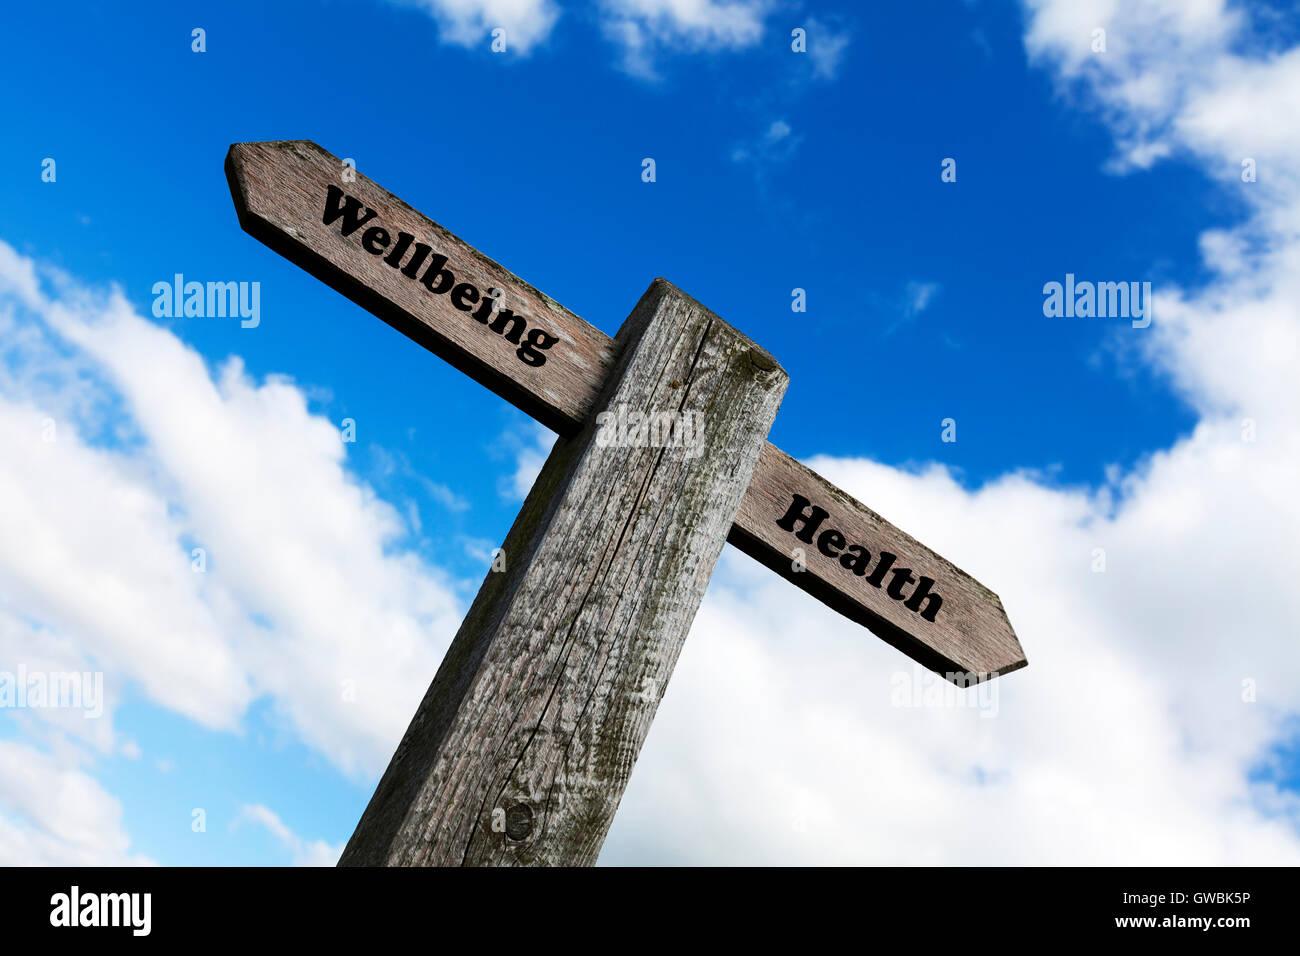 Bienestar salud mental La salud mental saludable palabras dirección direcciones opción Elegir opciones Imagen De Stock